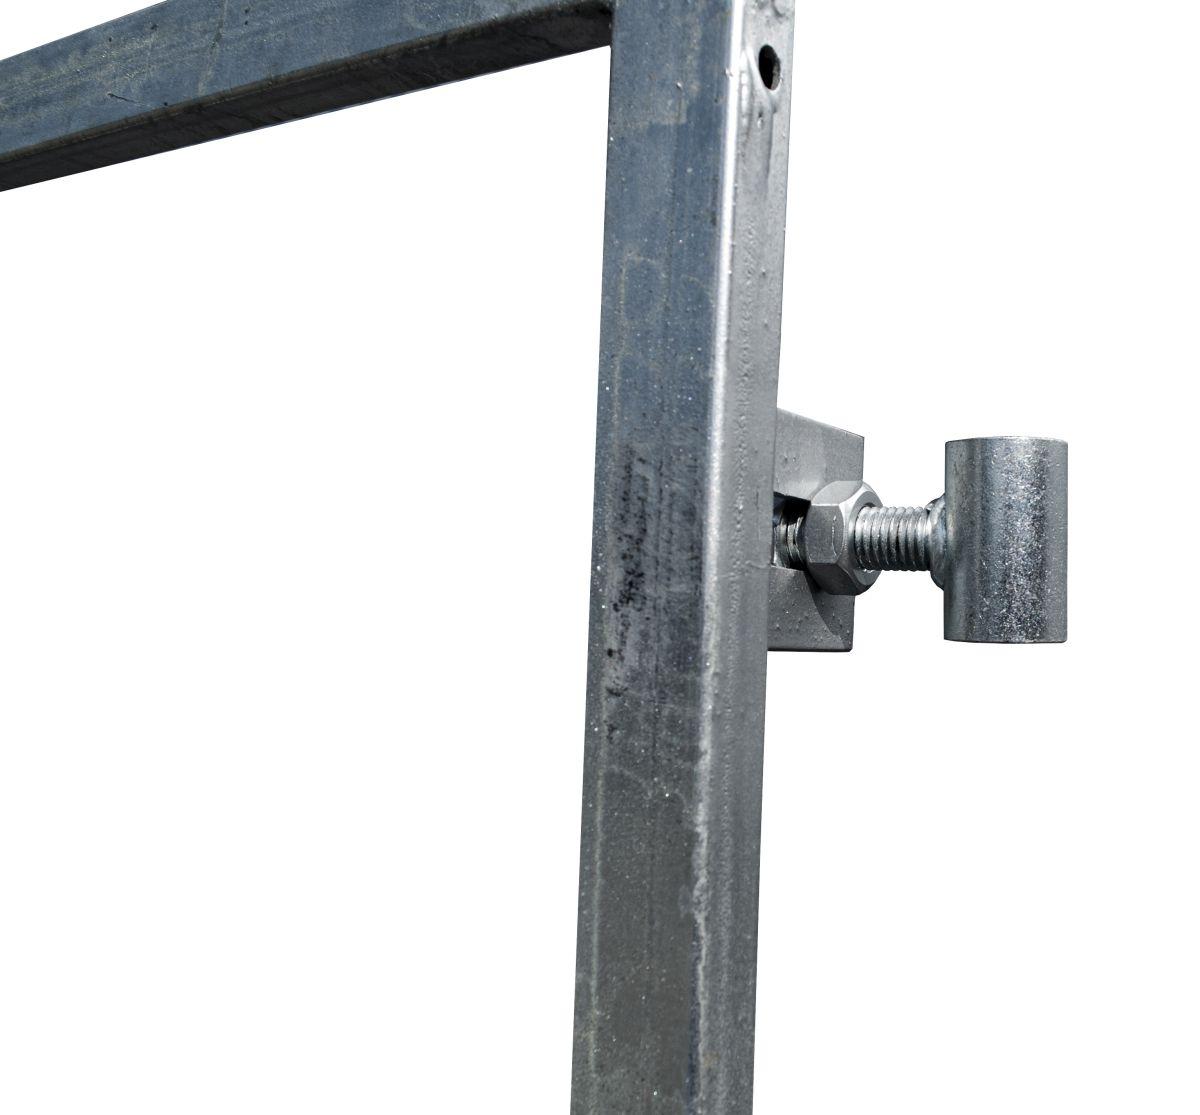 21135182 poortframe met slotkast en garnituur verstelbaar universeel h180xb100 cm 2